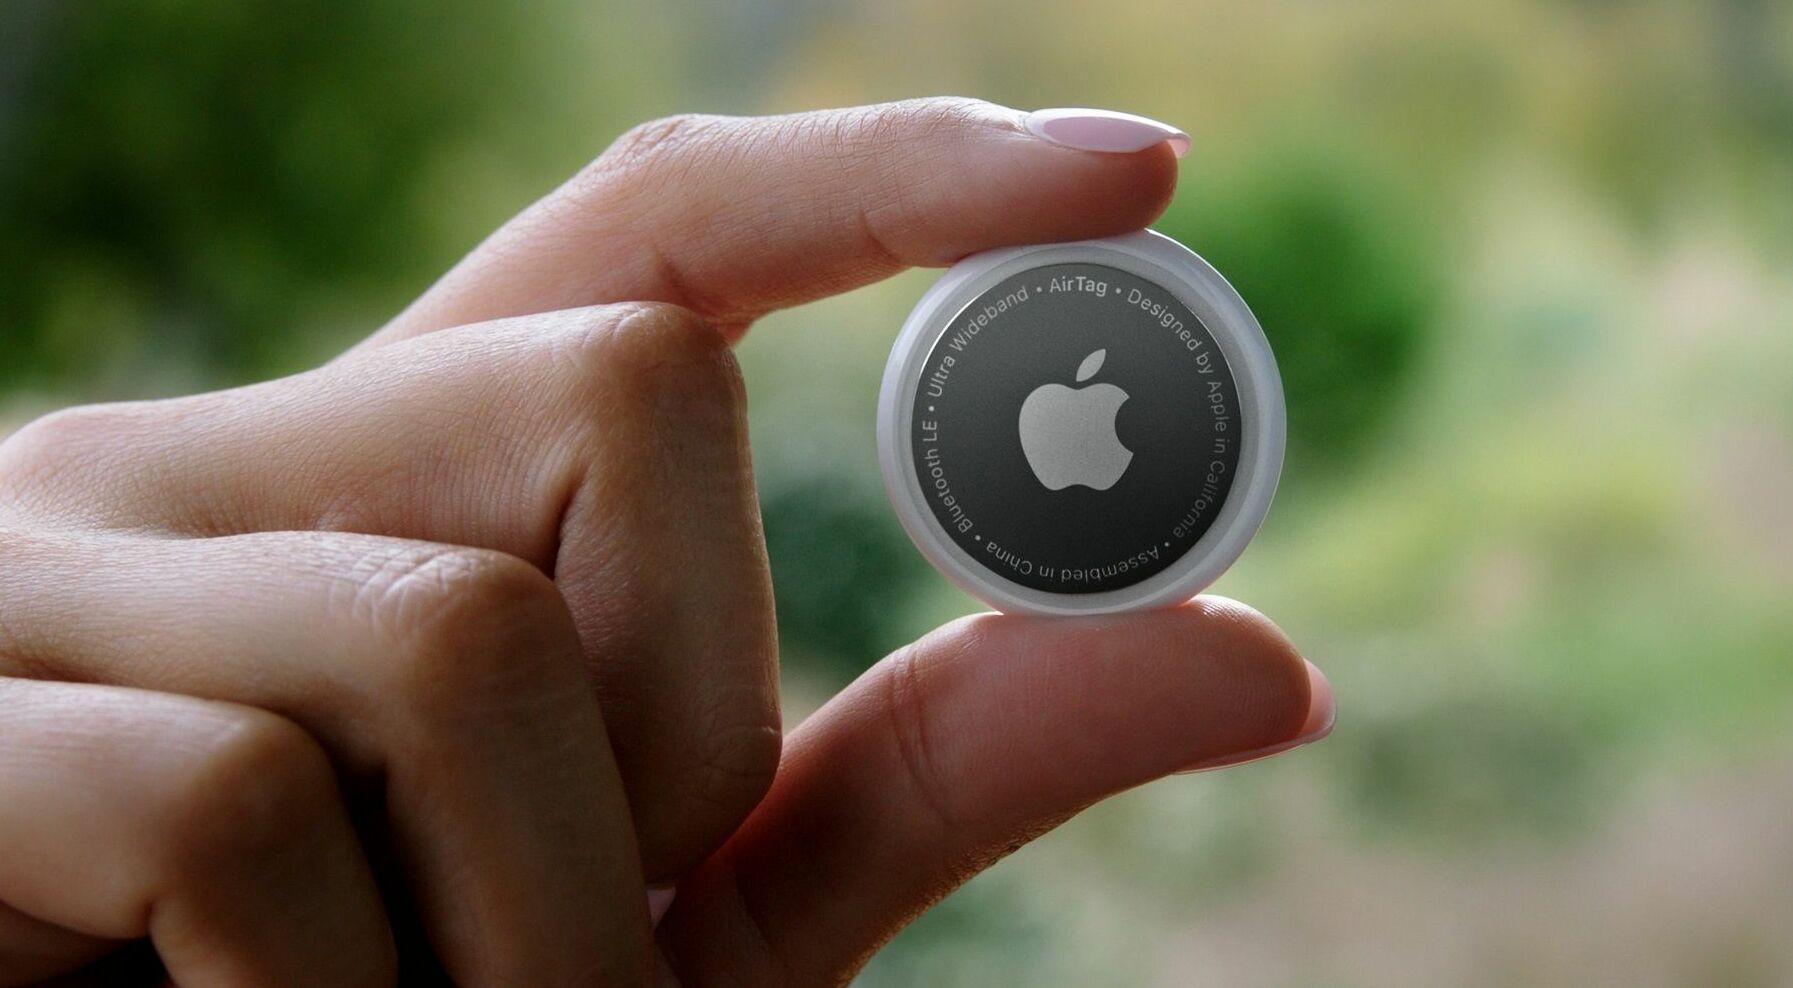 Kısa mesafe geniş bant kablosuz bağlantı üzerinden değerli eşyalarınızı takip etmenizi sağlayan Apple AirTagde lansmada tanıtılan diğer bir ürün. Ürünün ABD fiyatı 29 dolar olarak belirlenirken, 4'lü paketin fiyatı ise 99 dolar oldu.